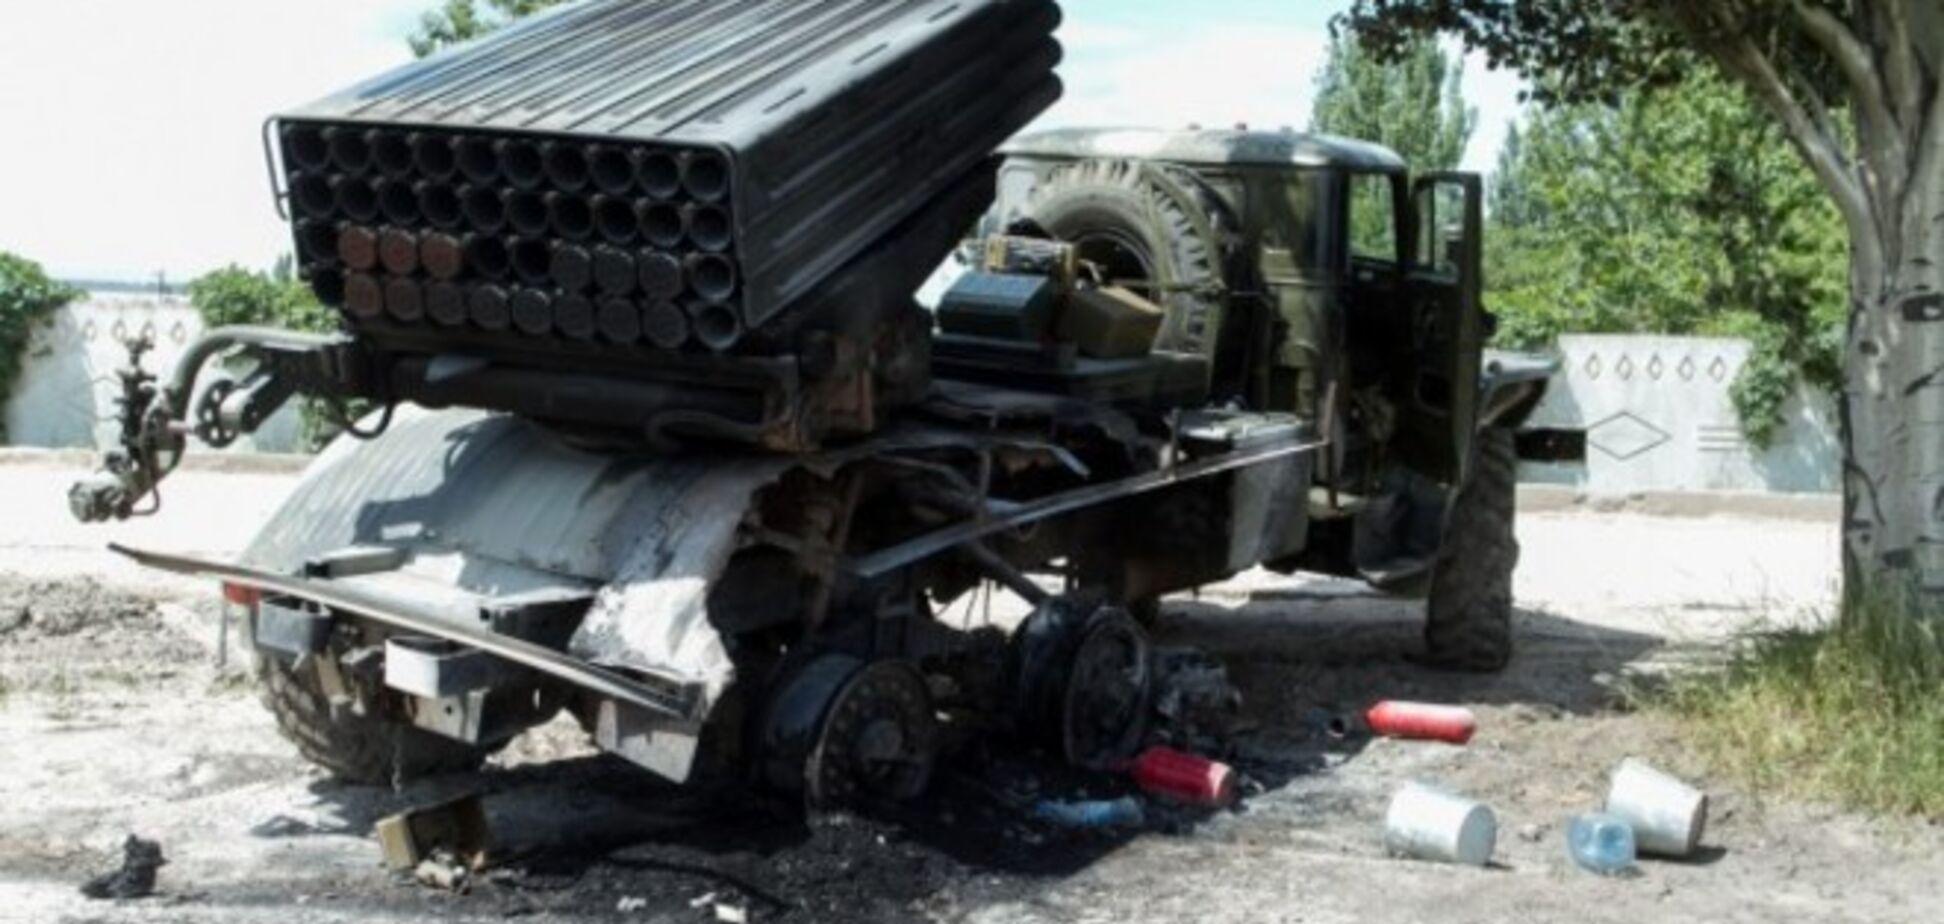 Силы АТО уничтожили два 'Града' террористов